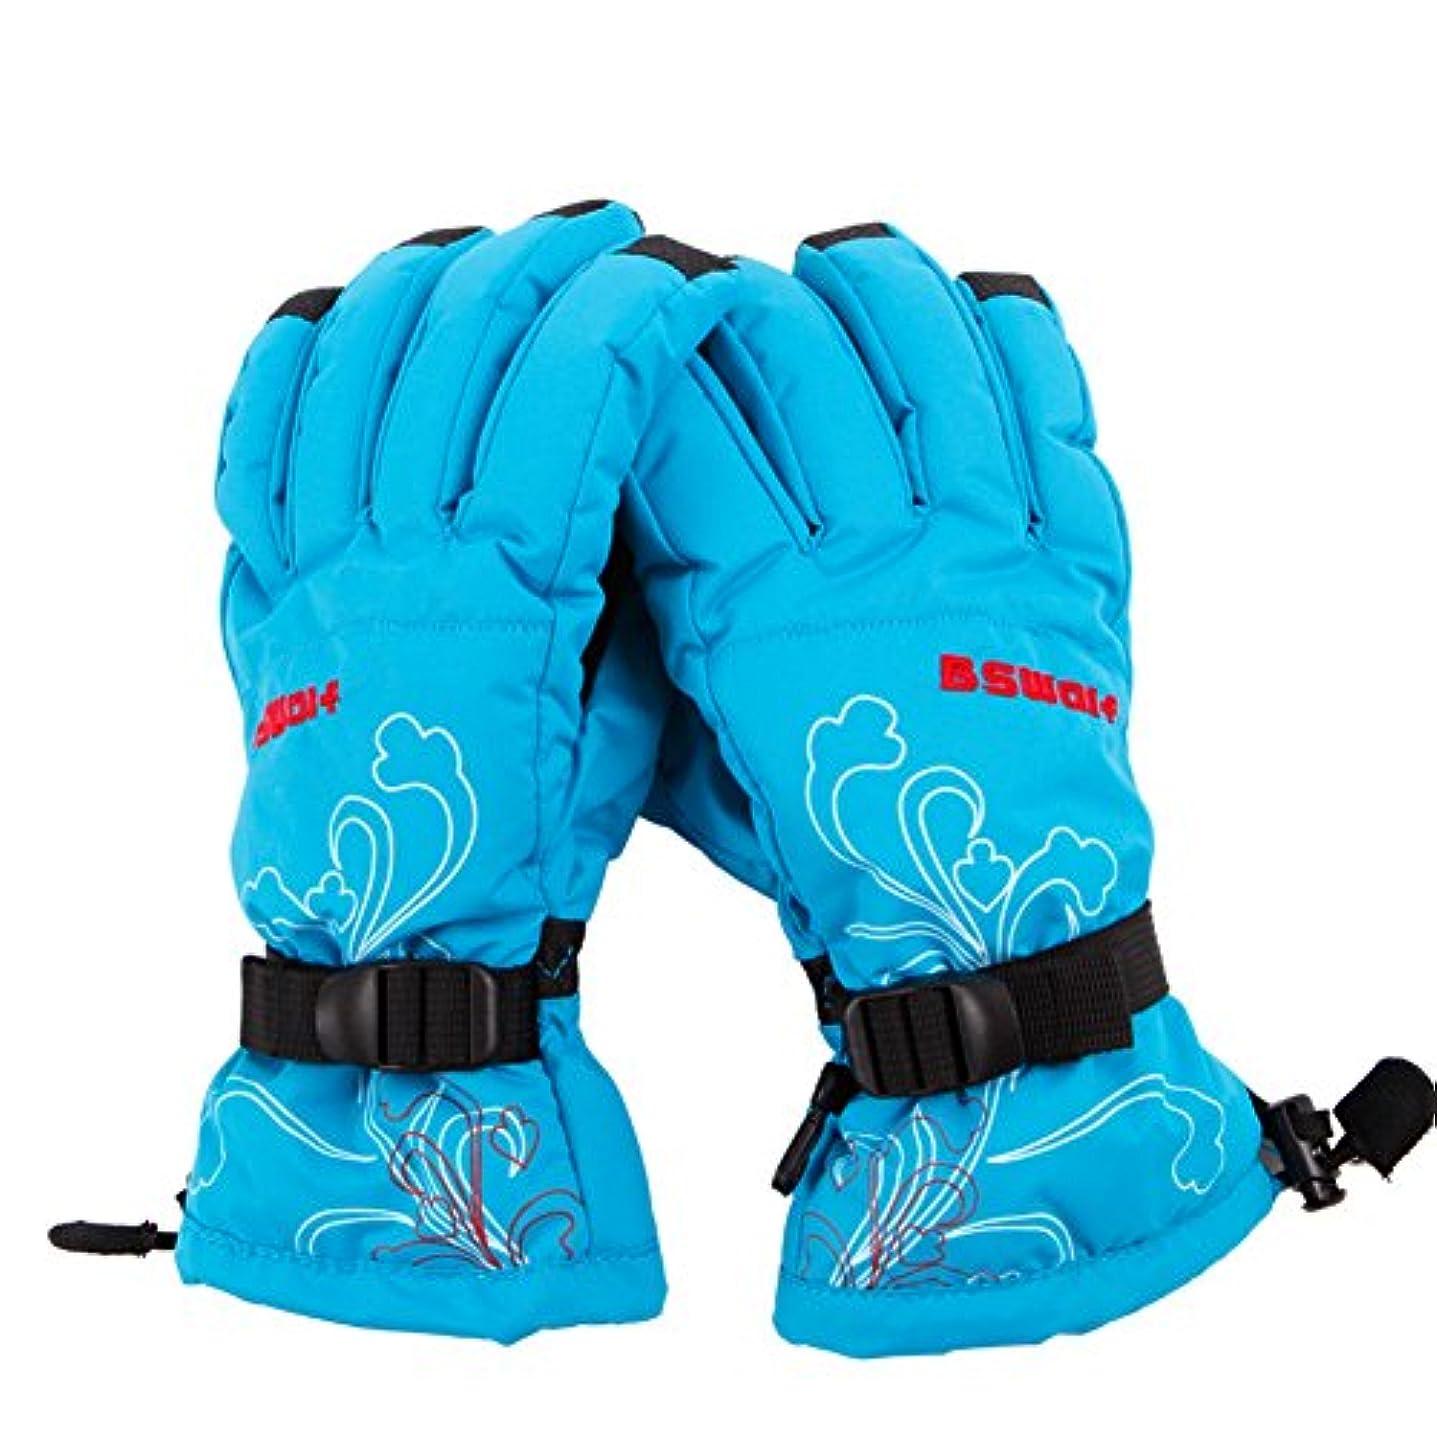 ベーリング海峡出費関連付けるDXG&FXアウトドアグローブ 暖かく保つ手袋 スキーグローブ 防風サイクリンググローブ 釣り用手袋